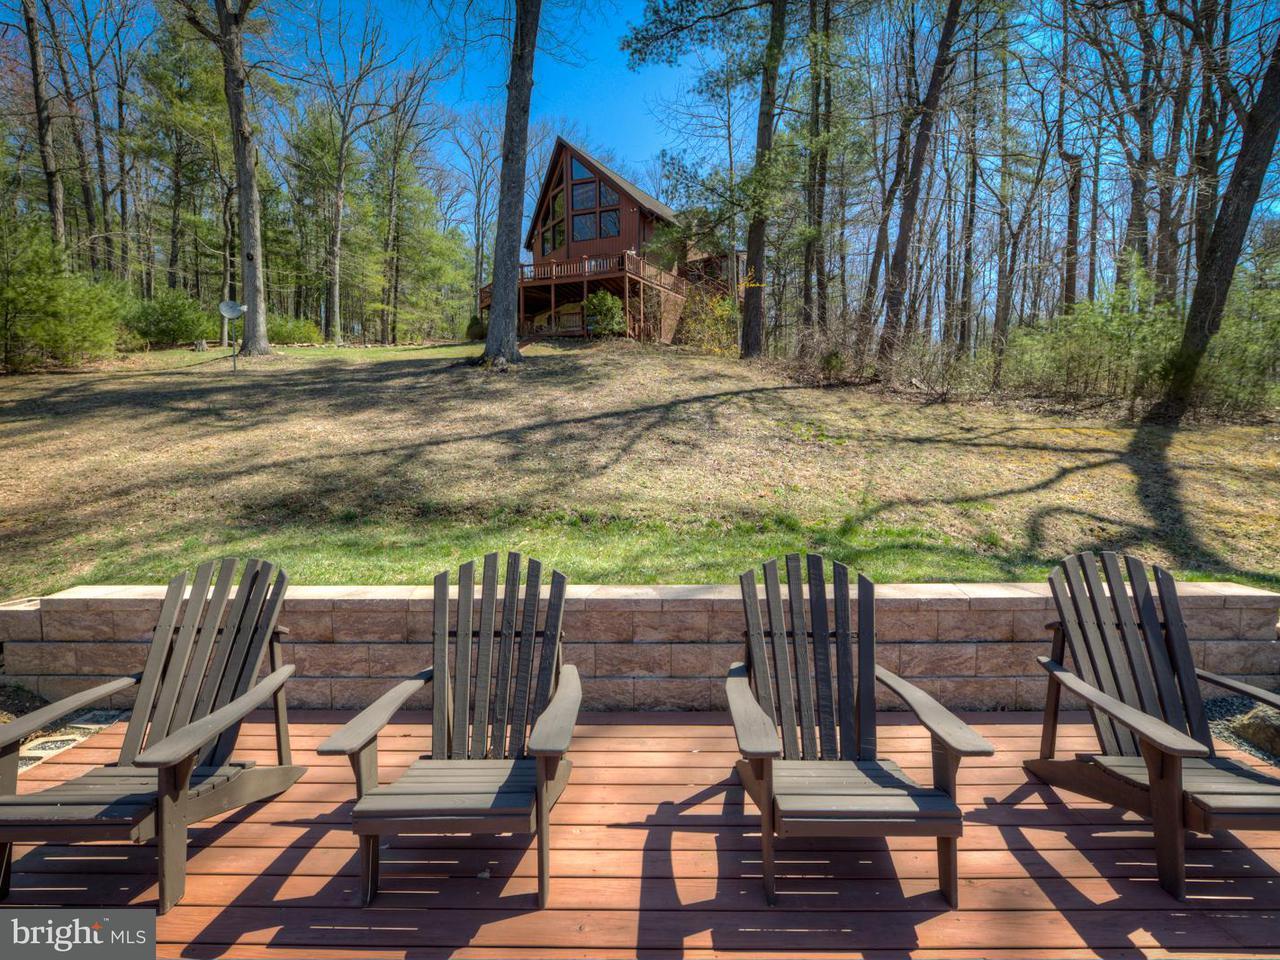 Частный односемейный дом для того Продажа на 2305 Middle River Road 2305 Middle River Road Stanardsville, Виргиния 22973 Соединенные Штаты